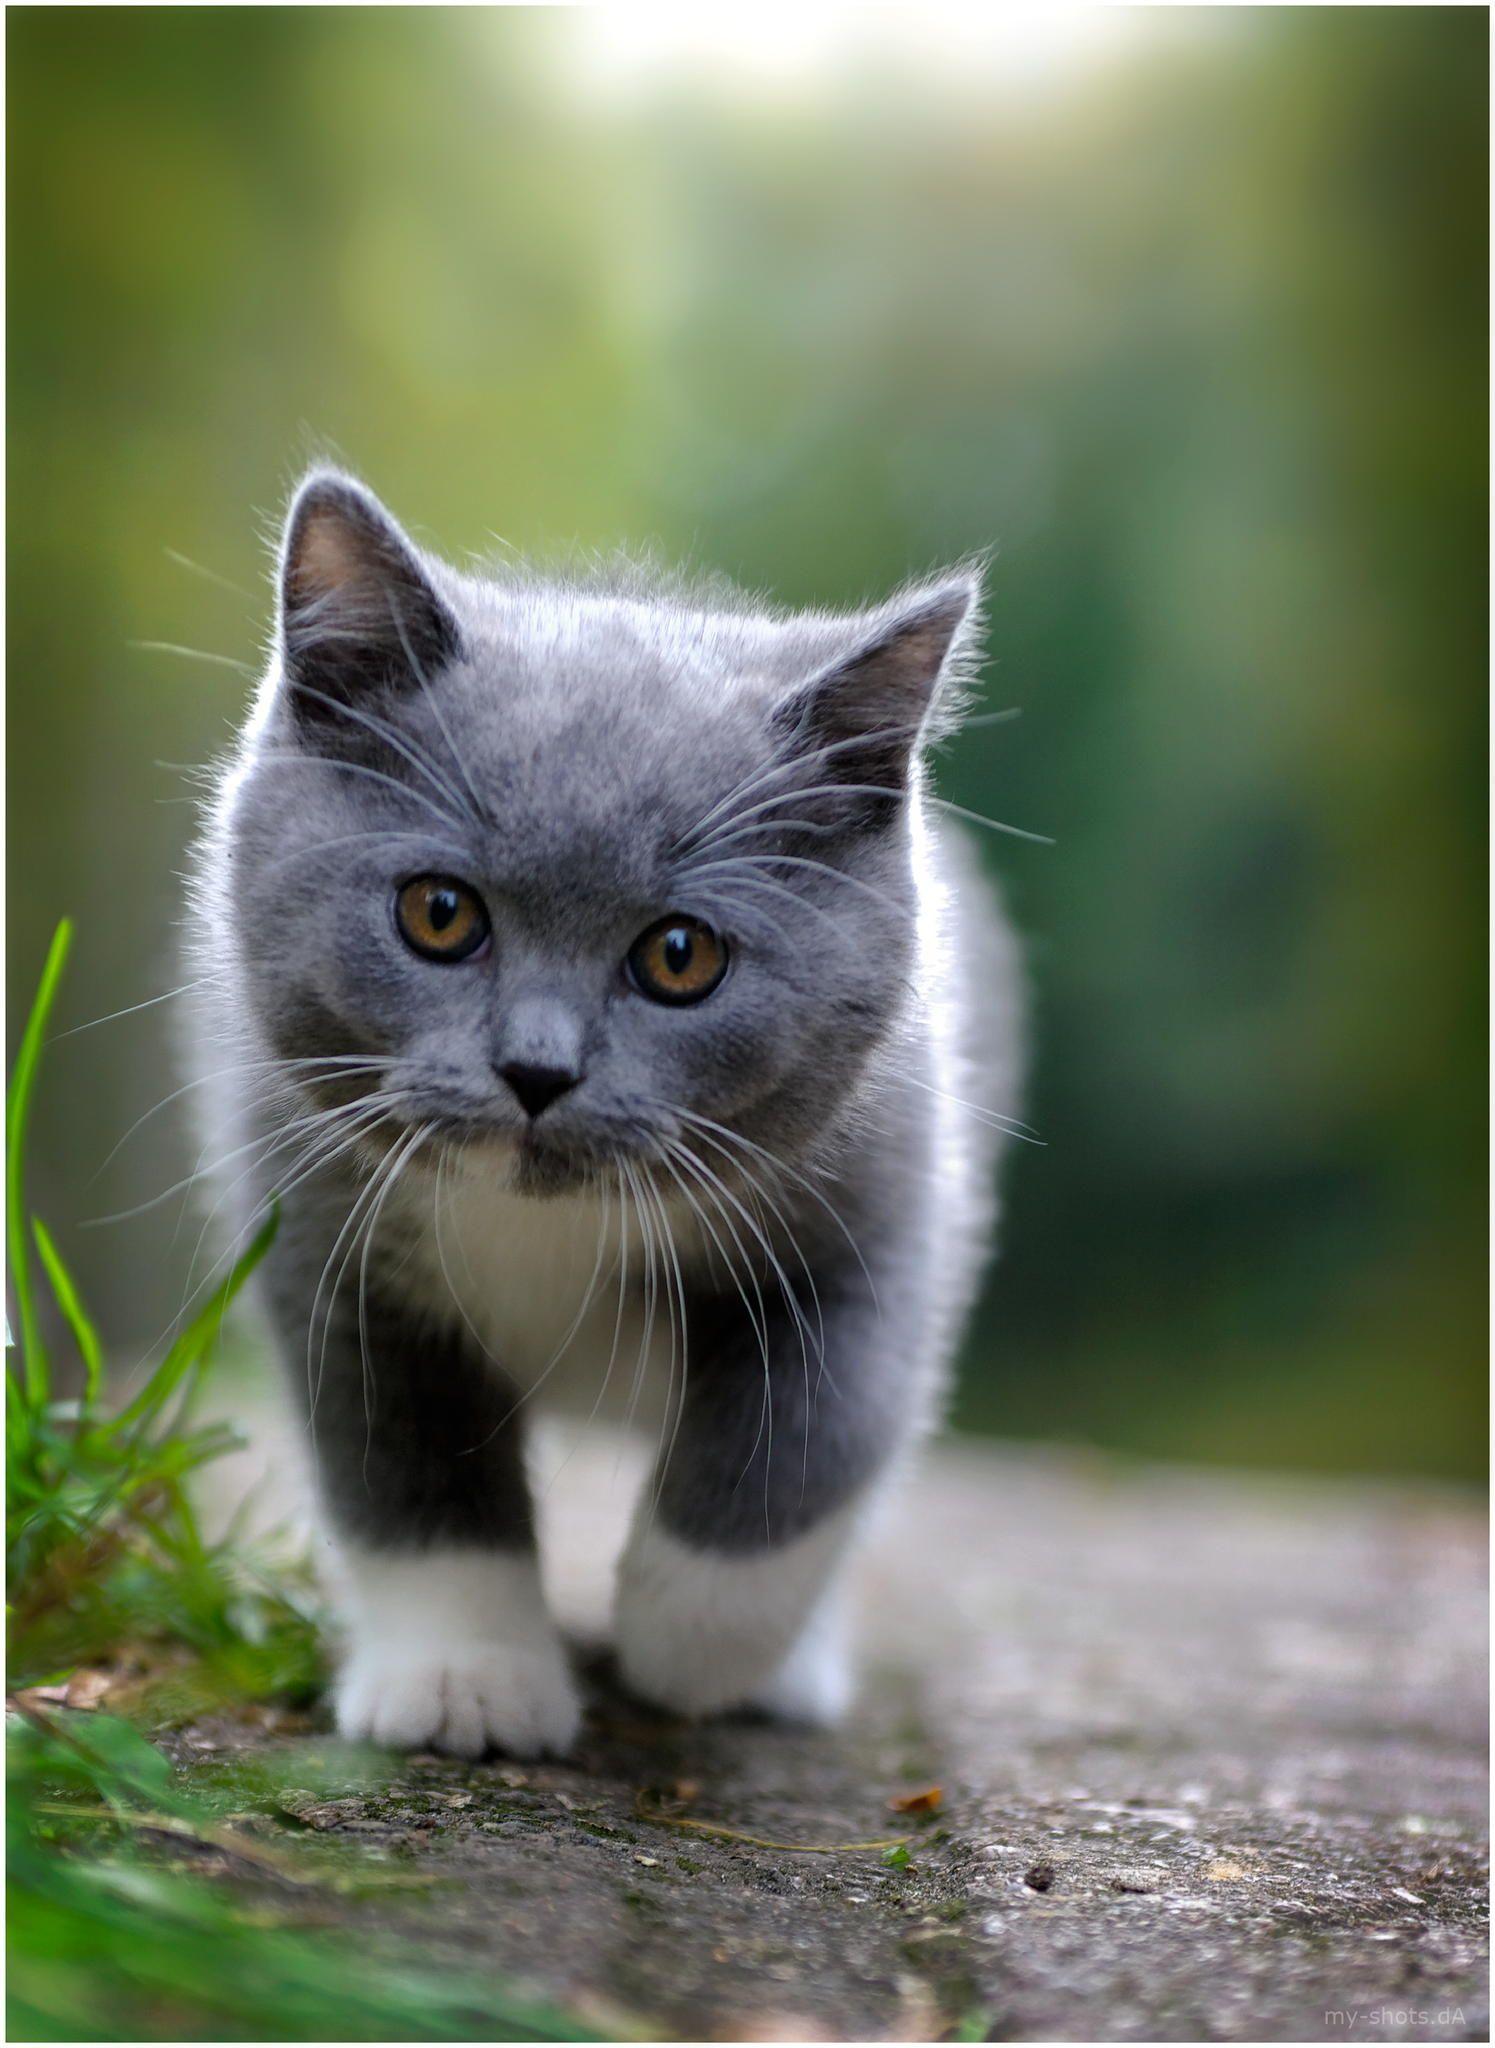 которой фото на аву животные красивые кошки популярный, интересный